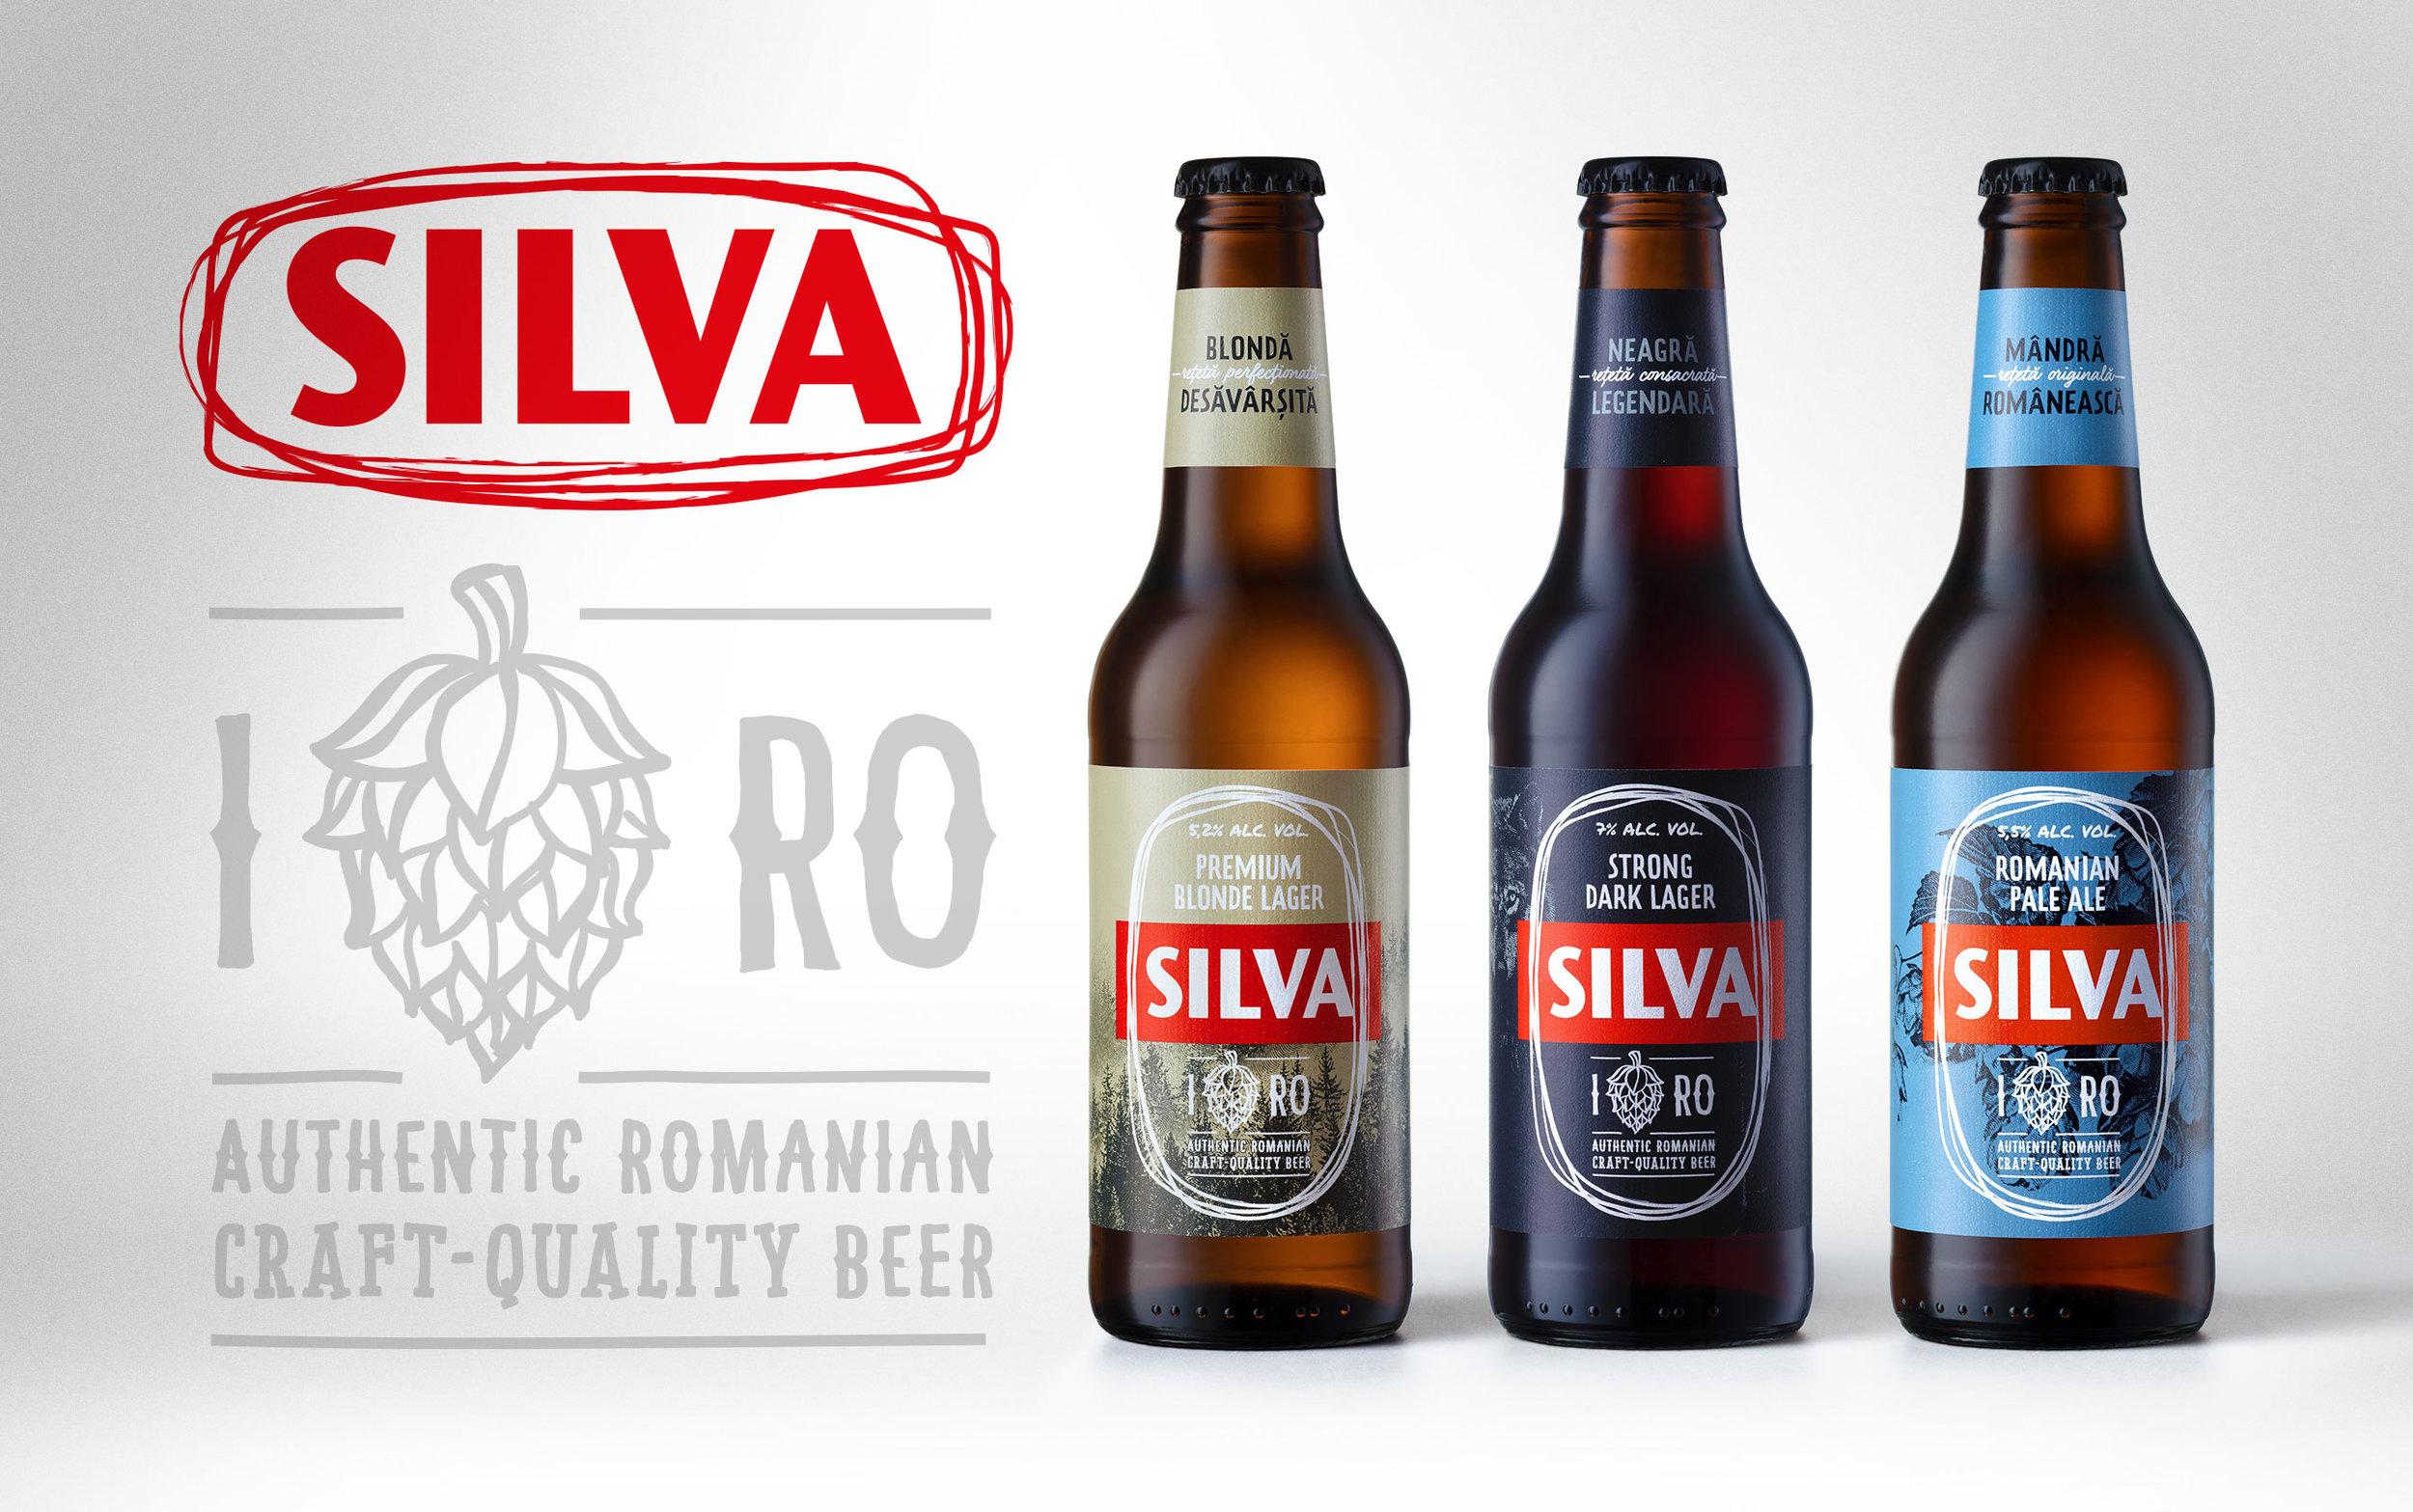 01-Silva-Packaging-Design-suite-by-Brandient.jpg